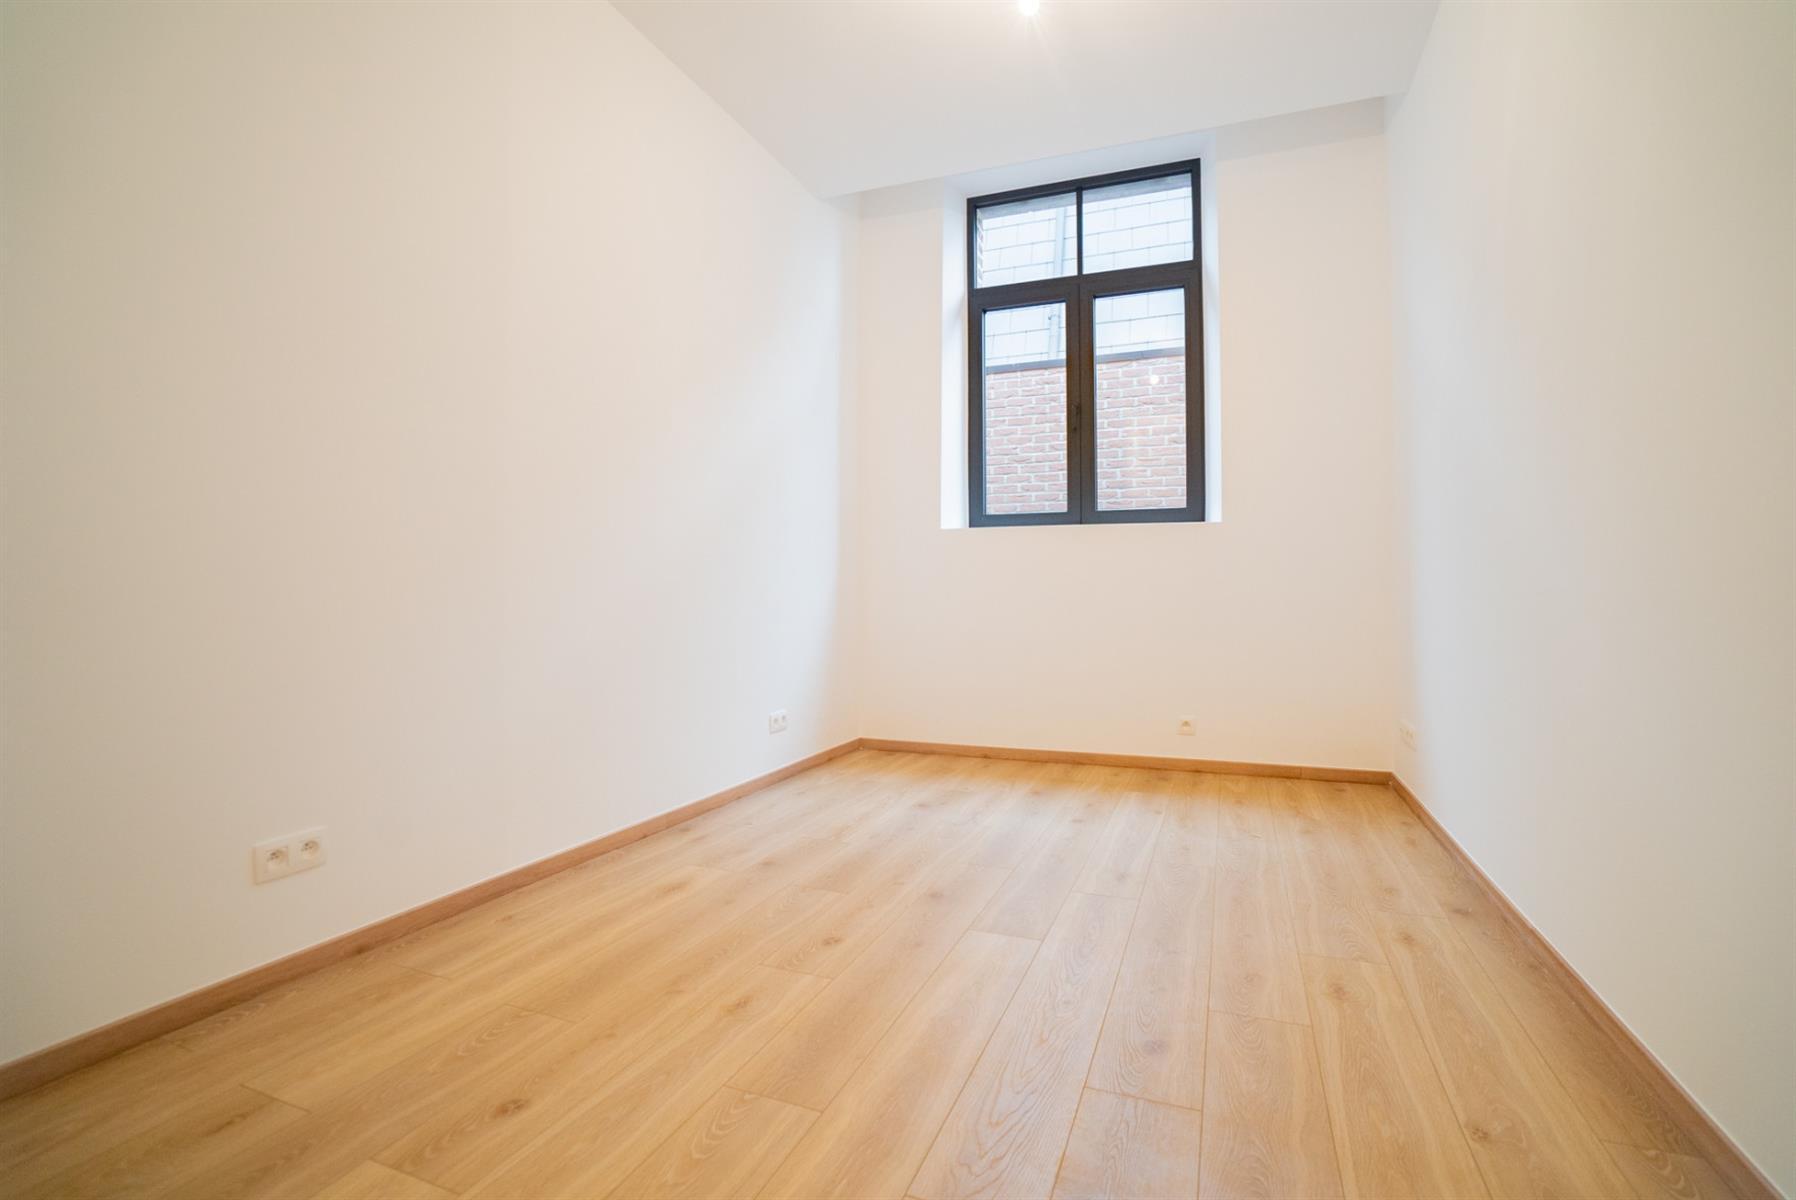 Appartement - Herve - #4157605-2